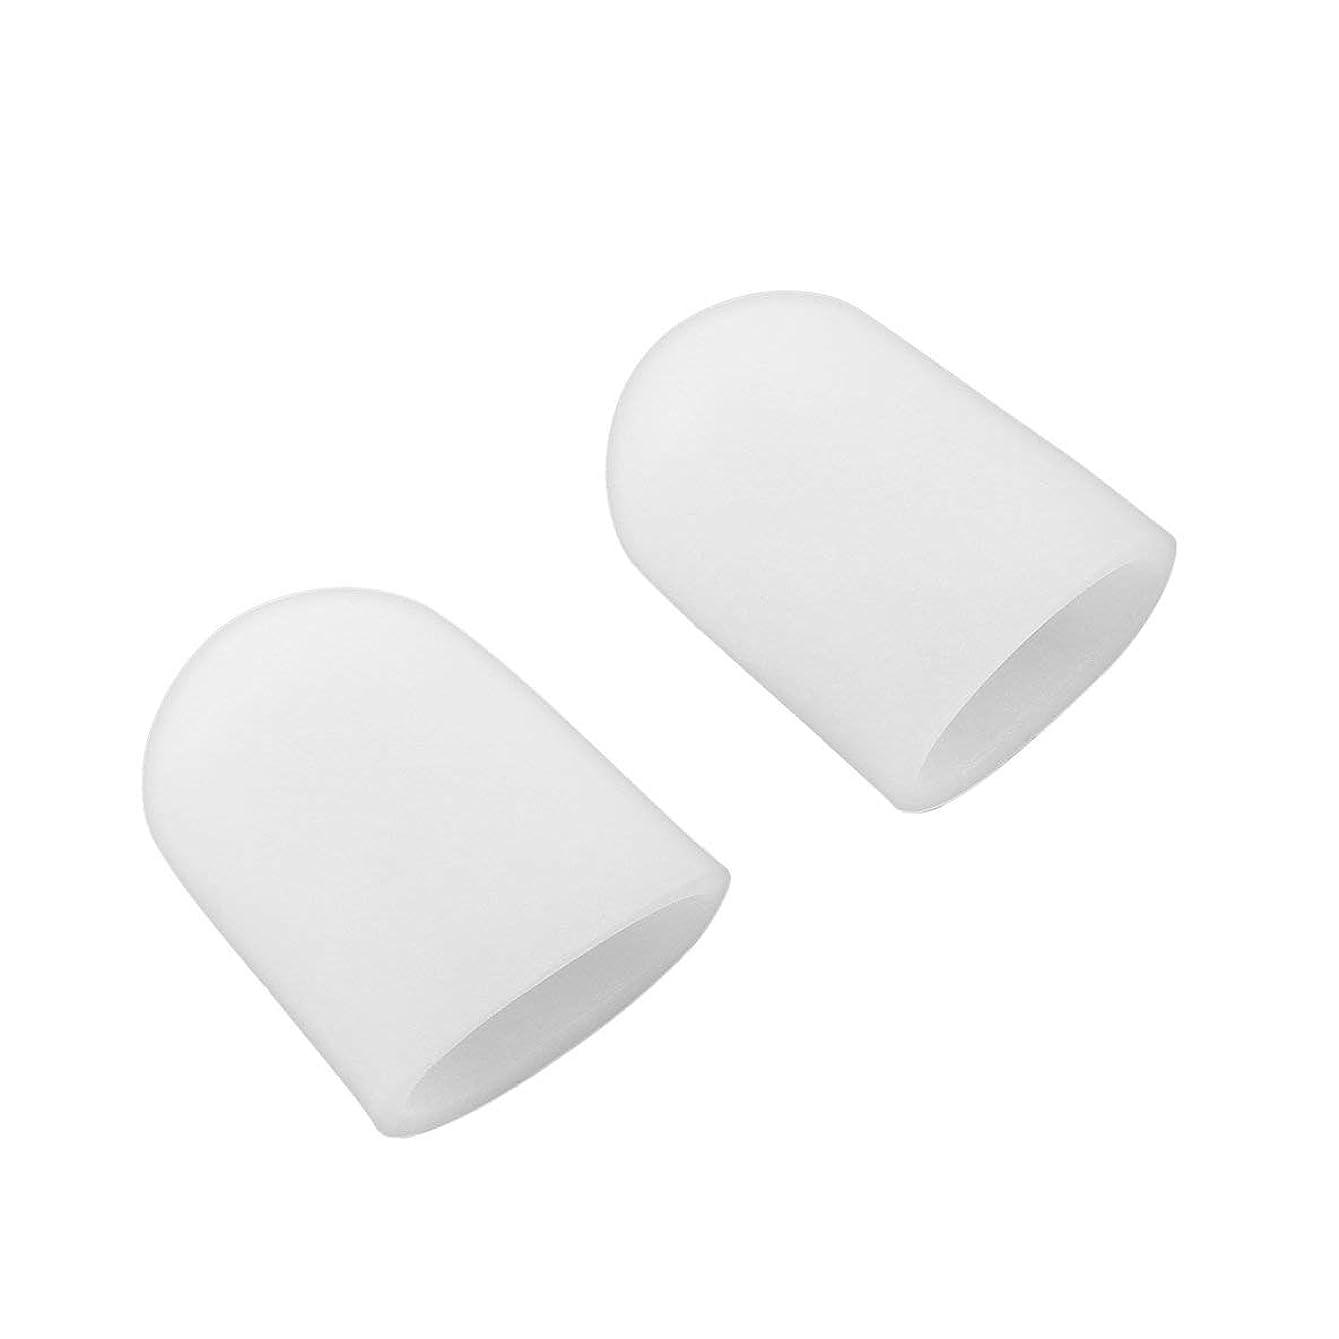 ラメ不調和日焼けBirdlantern 2ピースシリコンジェルトゥチューブトゥキャップトウクッションクッションコーンリムーバー指のつま先保護ボディマッサージインソールヘルスケア